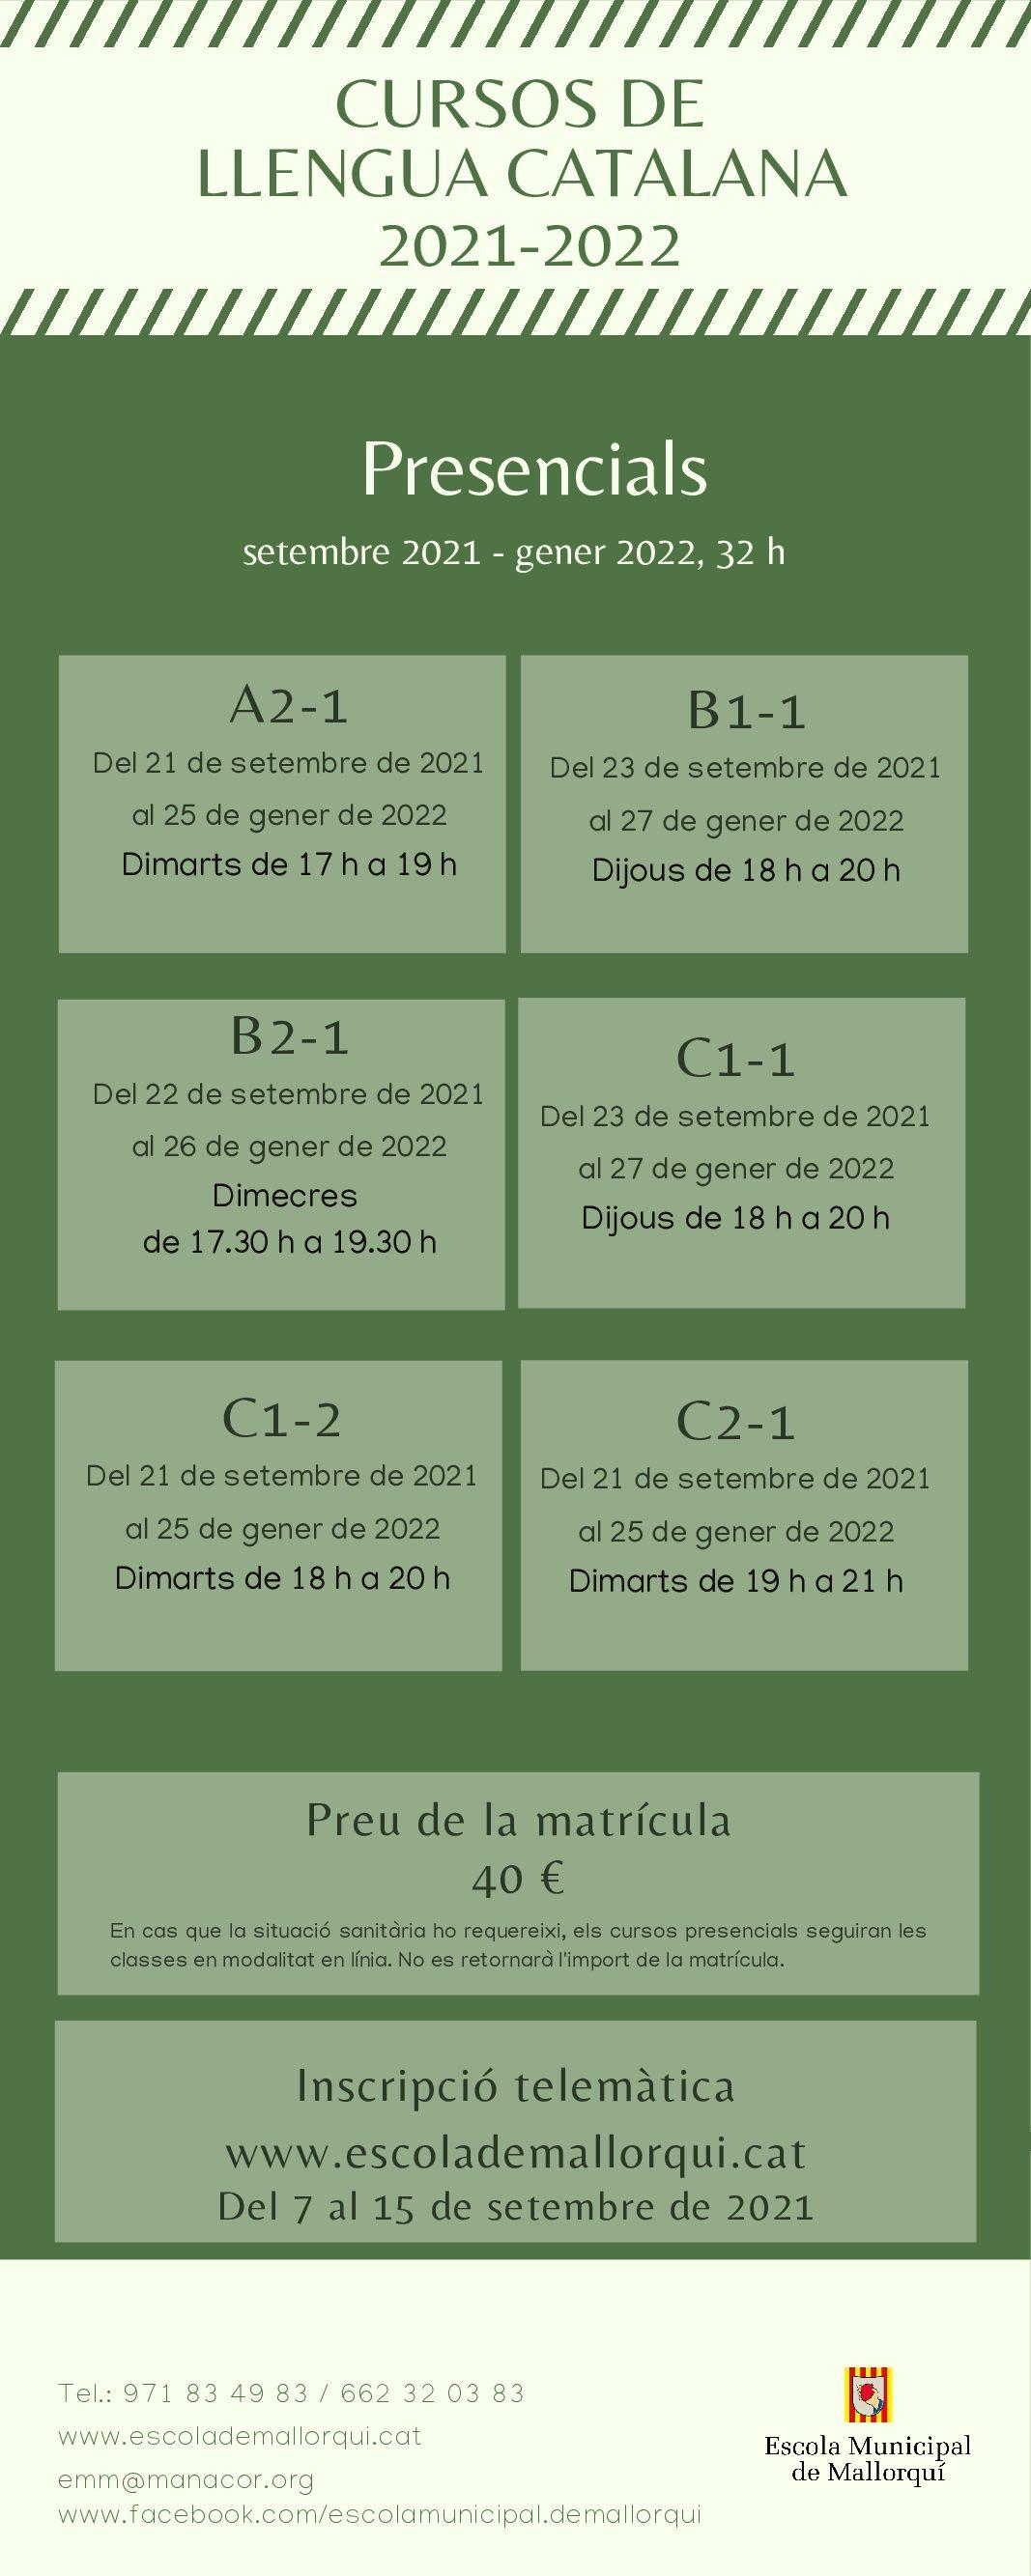 CURSOS DE LLENGUA CATALANA 2021-2022